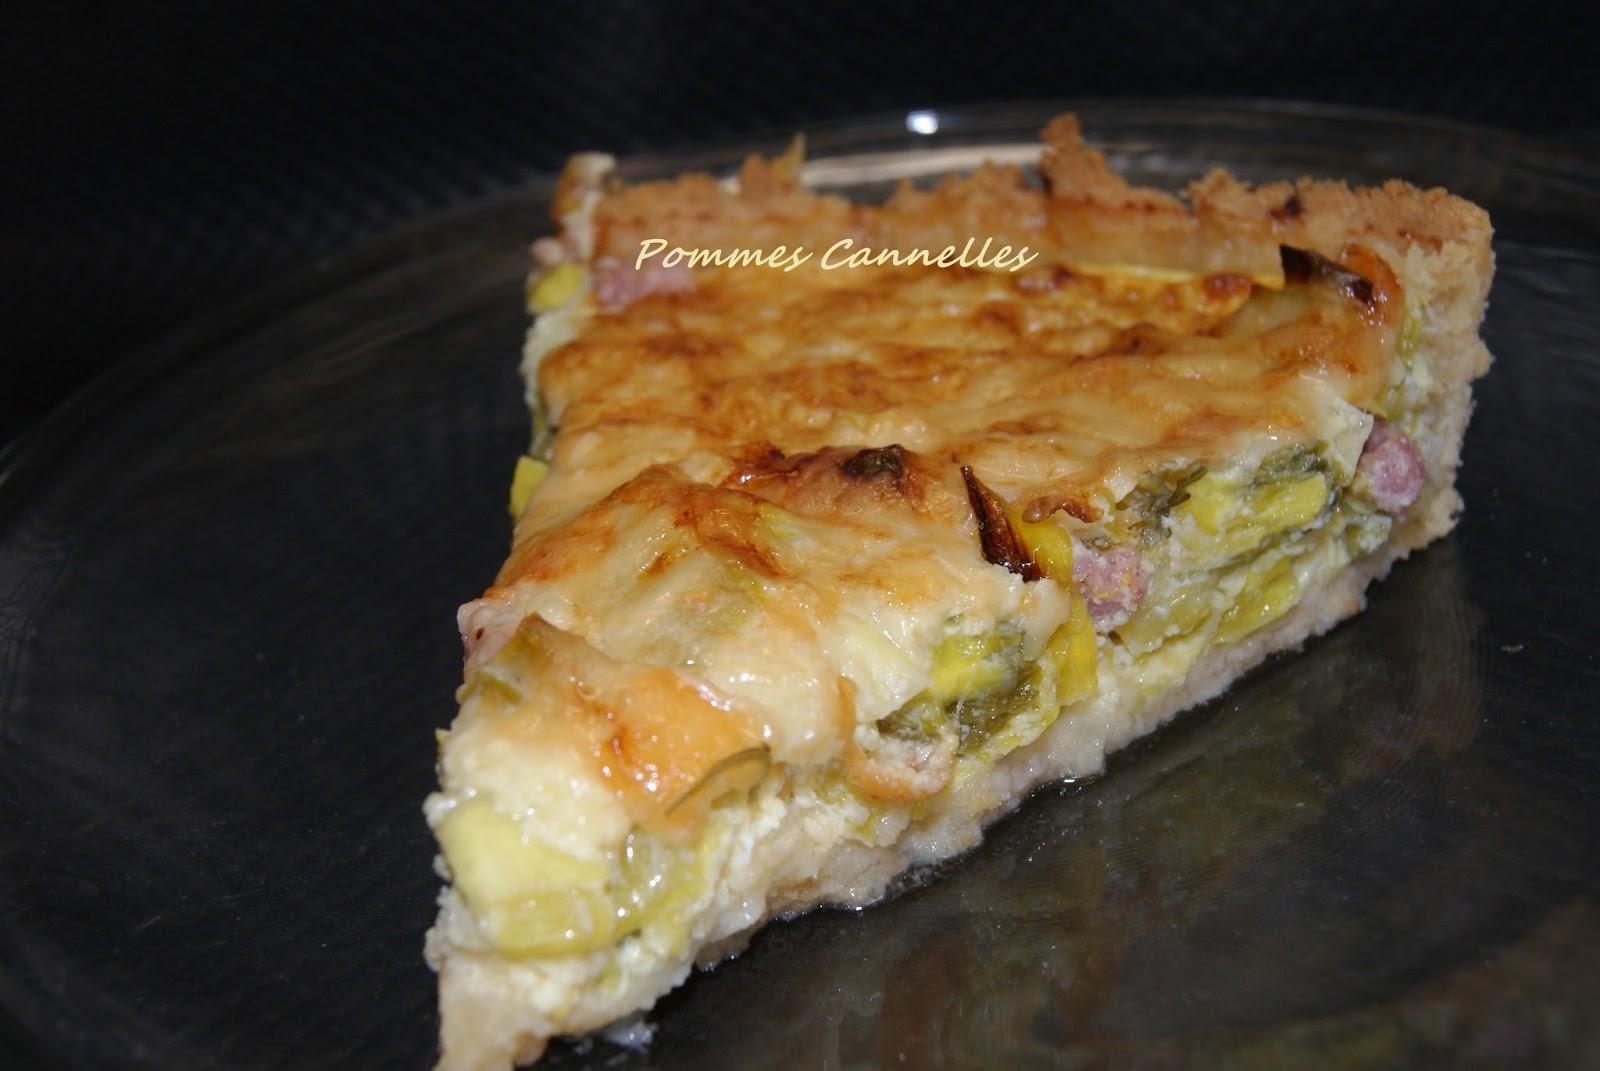 Pommes cannelles tarte aux poireaux sans gluten au vitaliseur - Tarte aux poireaux sans oeufs ...